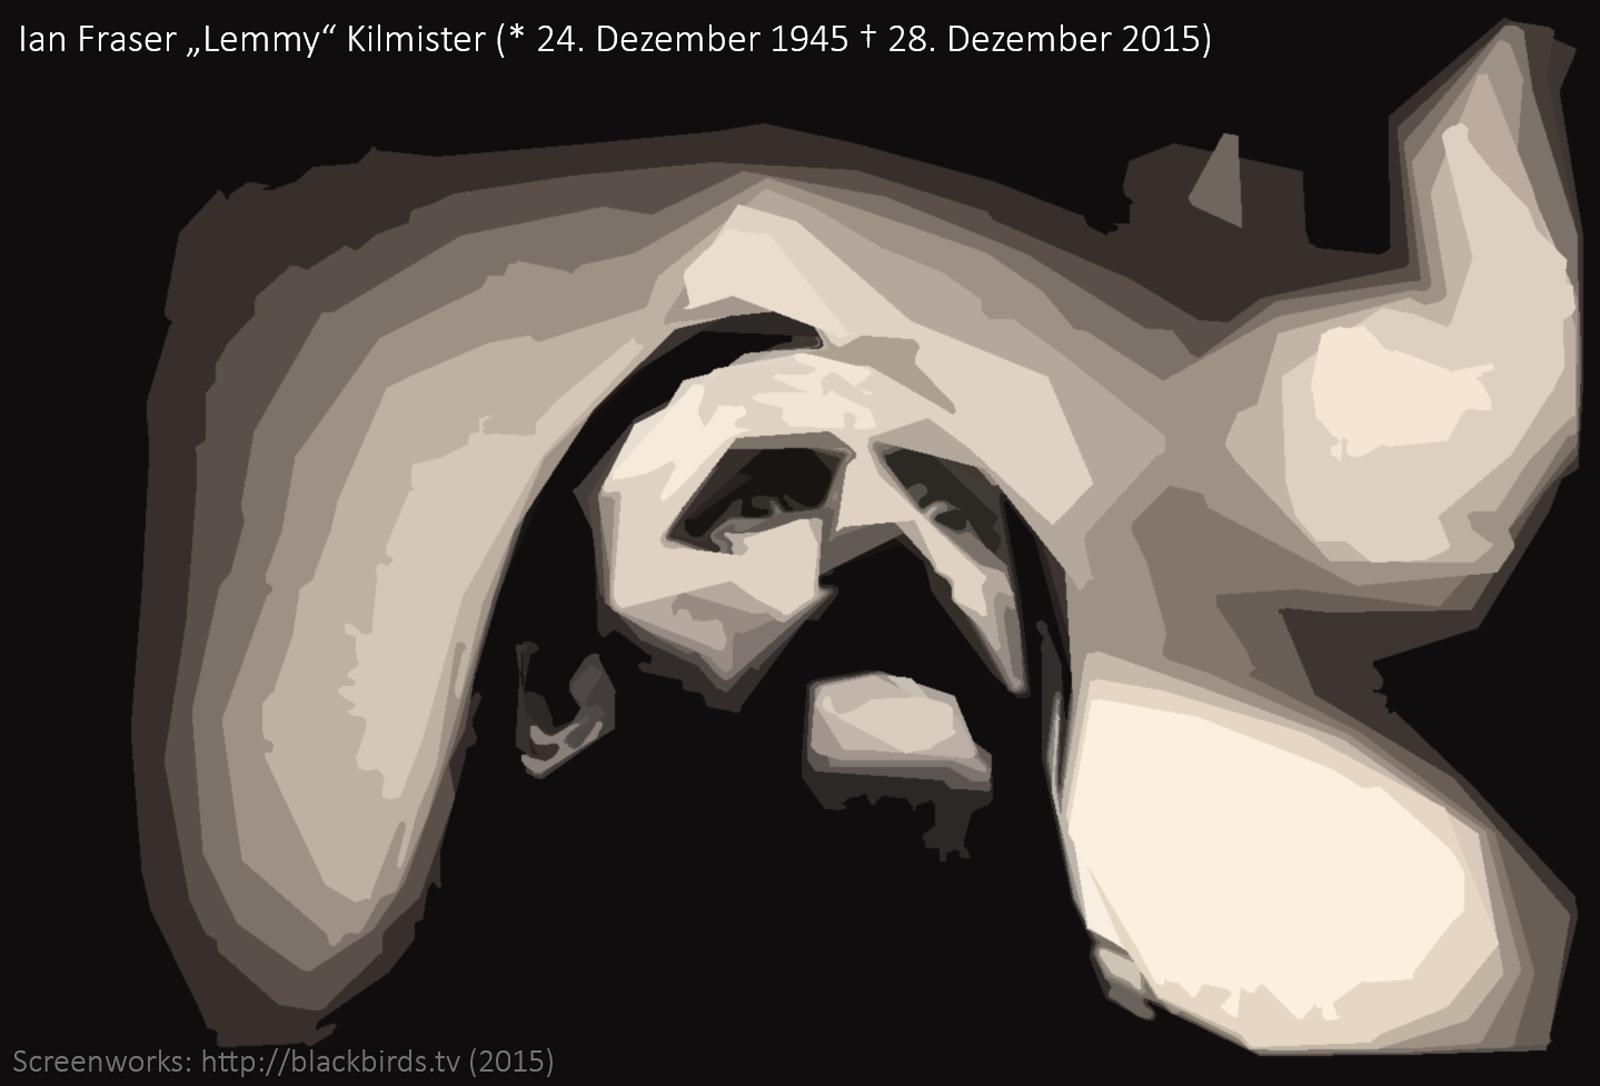 Lemmy.Kimilster